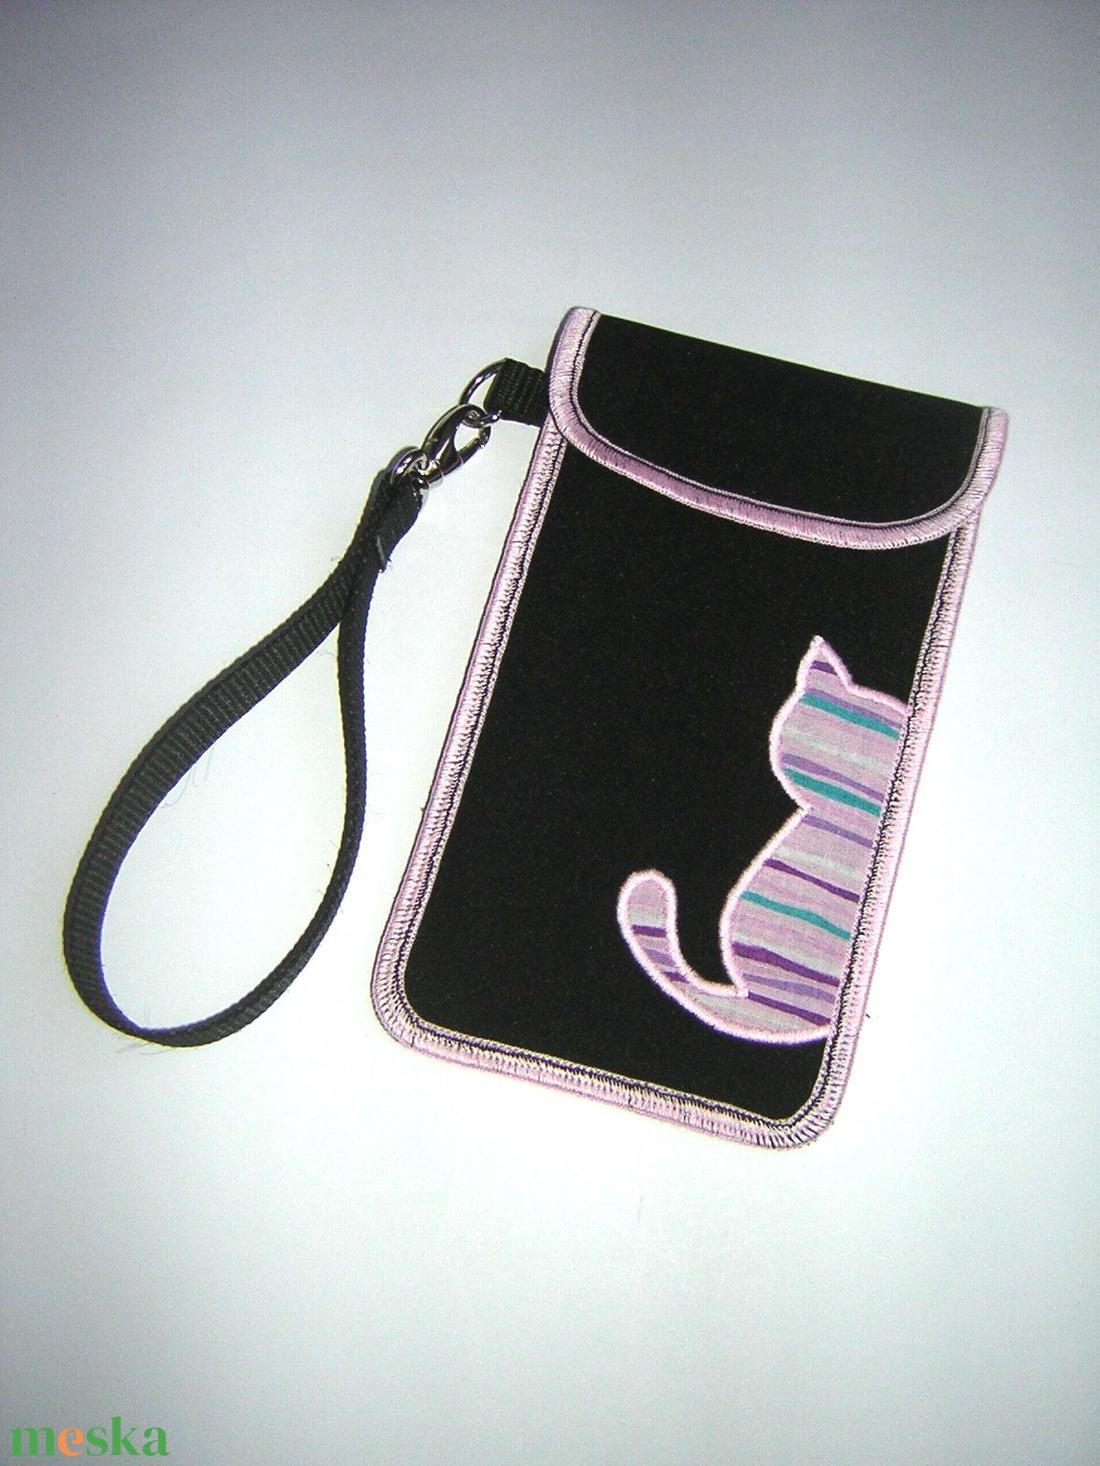 Rendelhető mobiltok kis csuklótáska plus-os méretű okostelefonhoz XL-es telefon tartó cicás tok - táska & tok - pénztárca & más tok - telefontok - Meska.hu